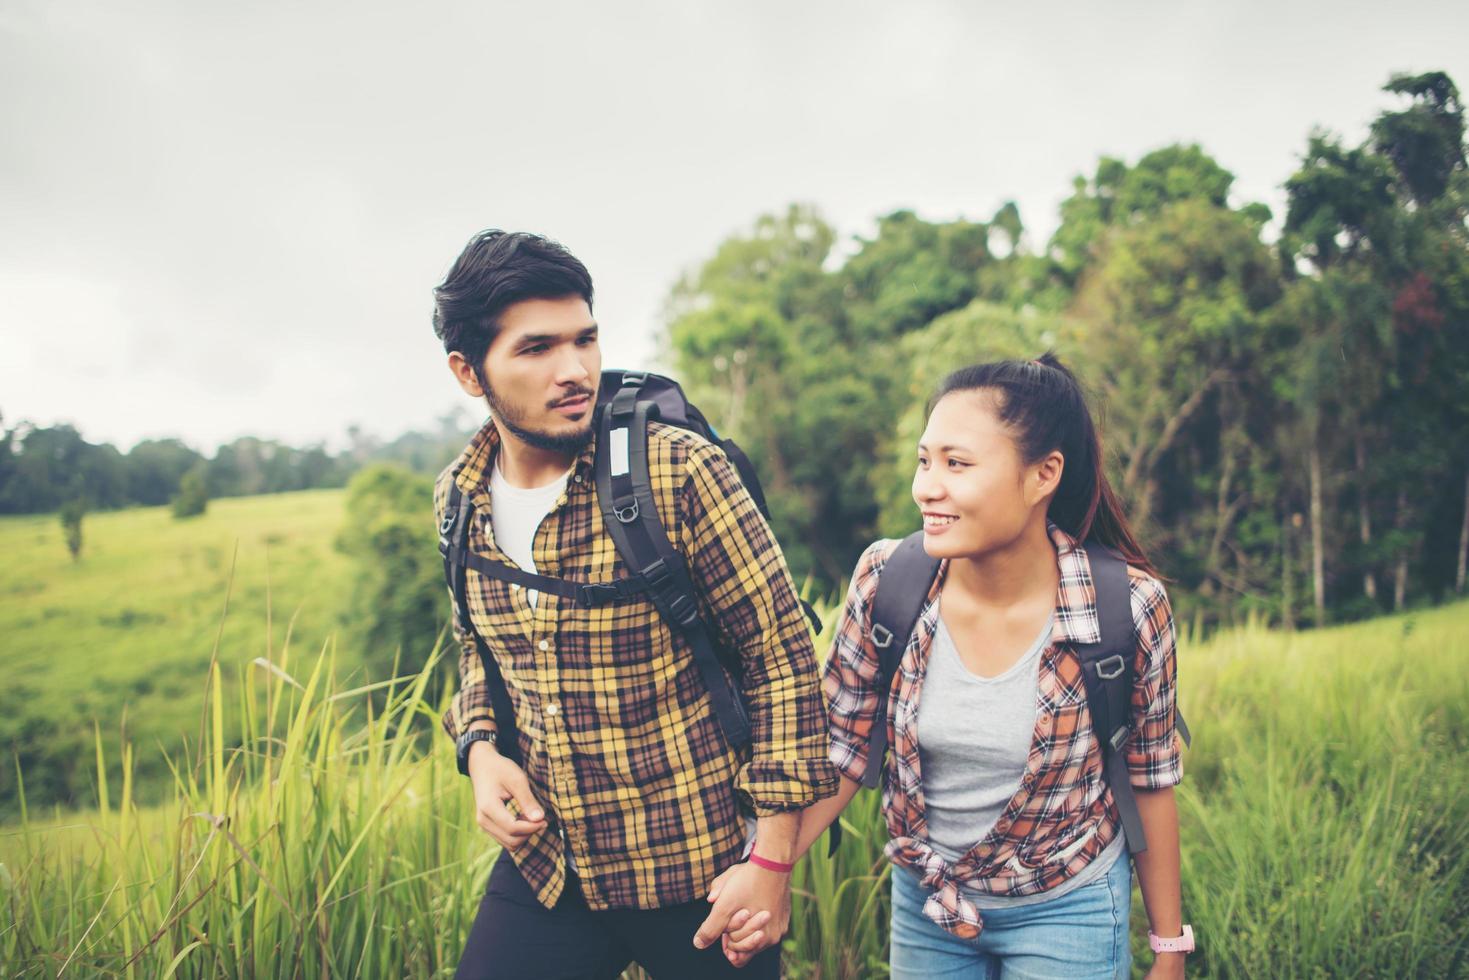 Retrato de una joven pareja feliz caminando en un viaje de senderismo foto